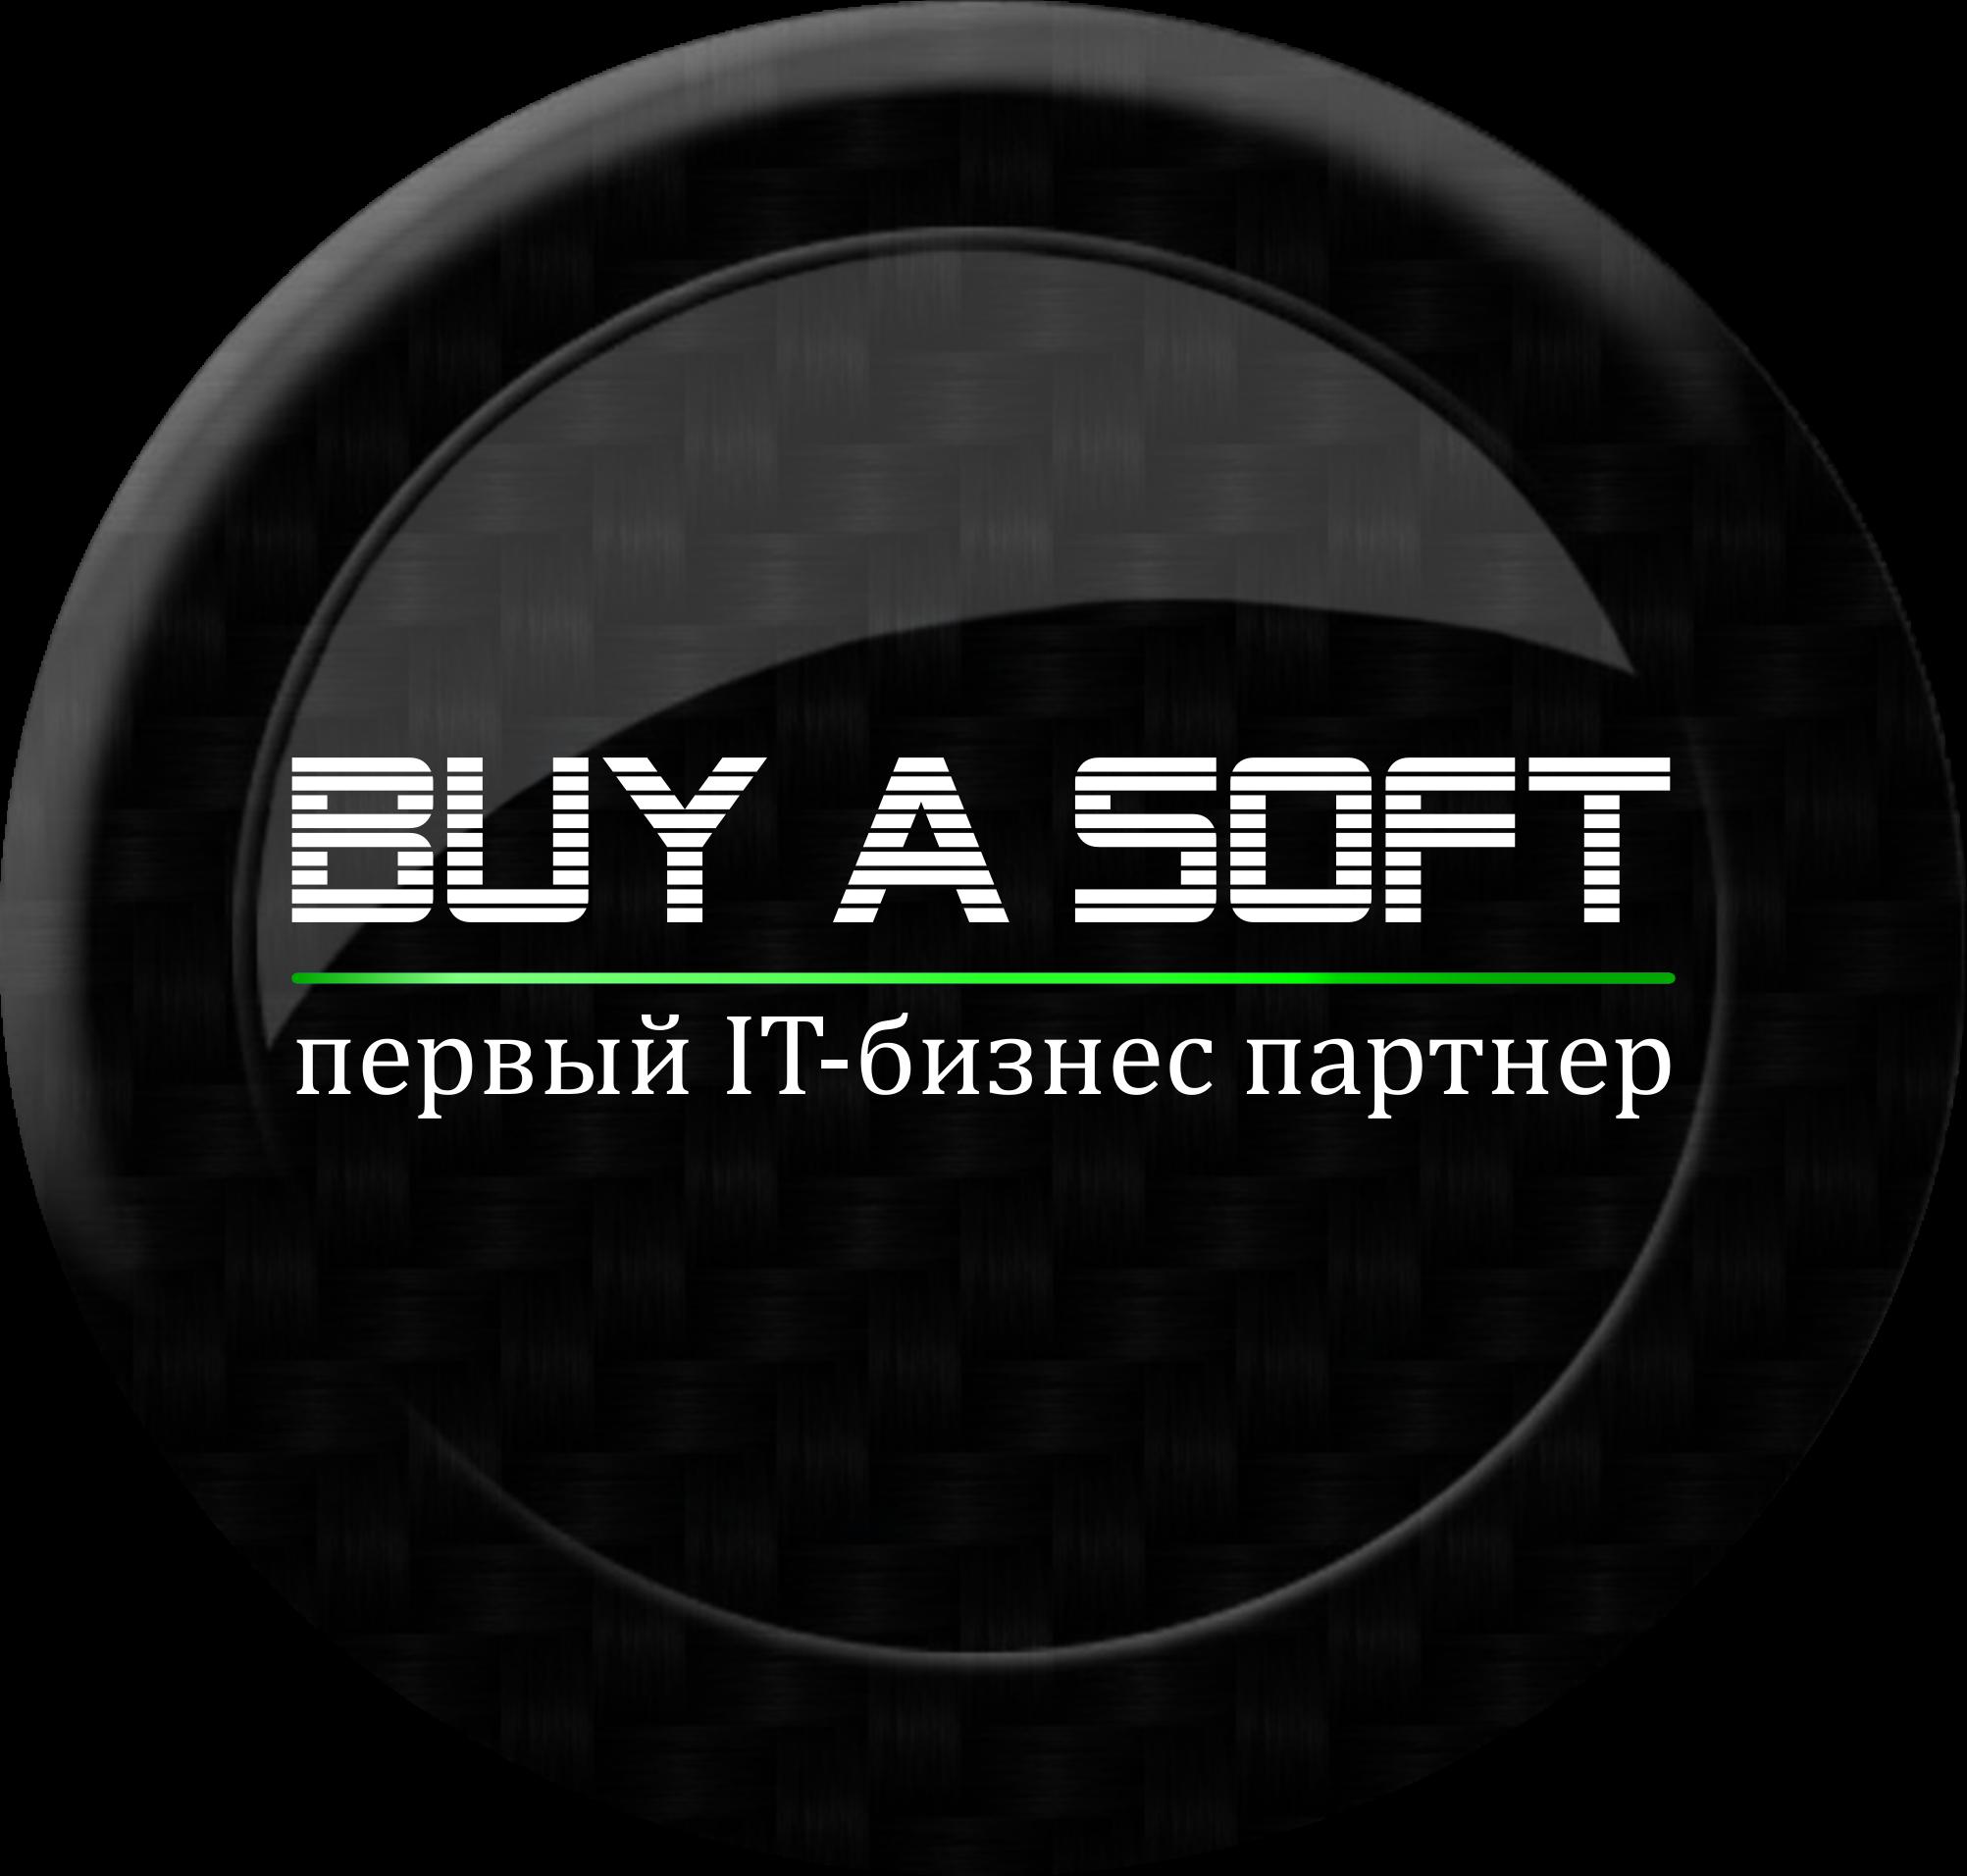 Лого Buy a Soft круг ребрендинг полная надпись